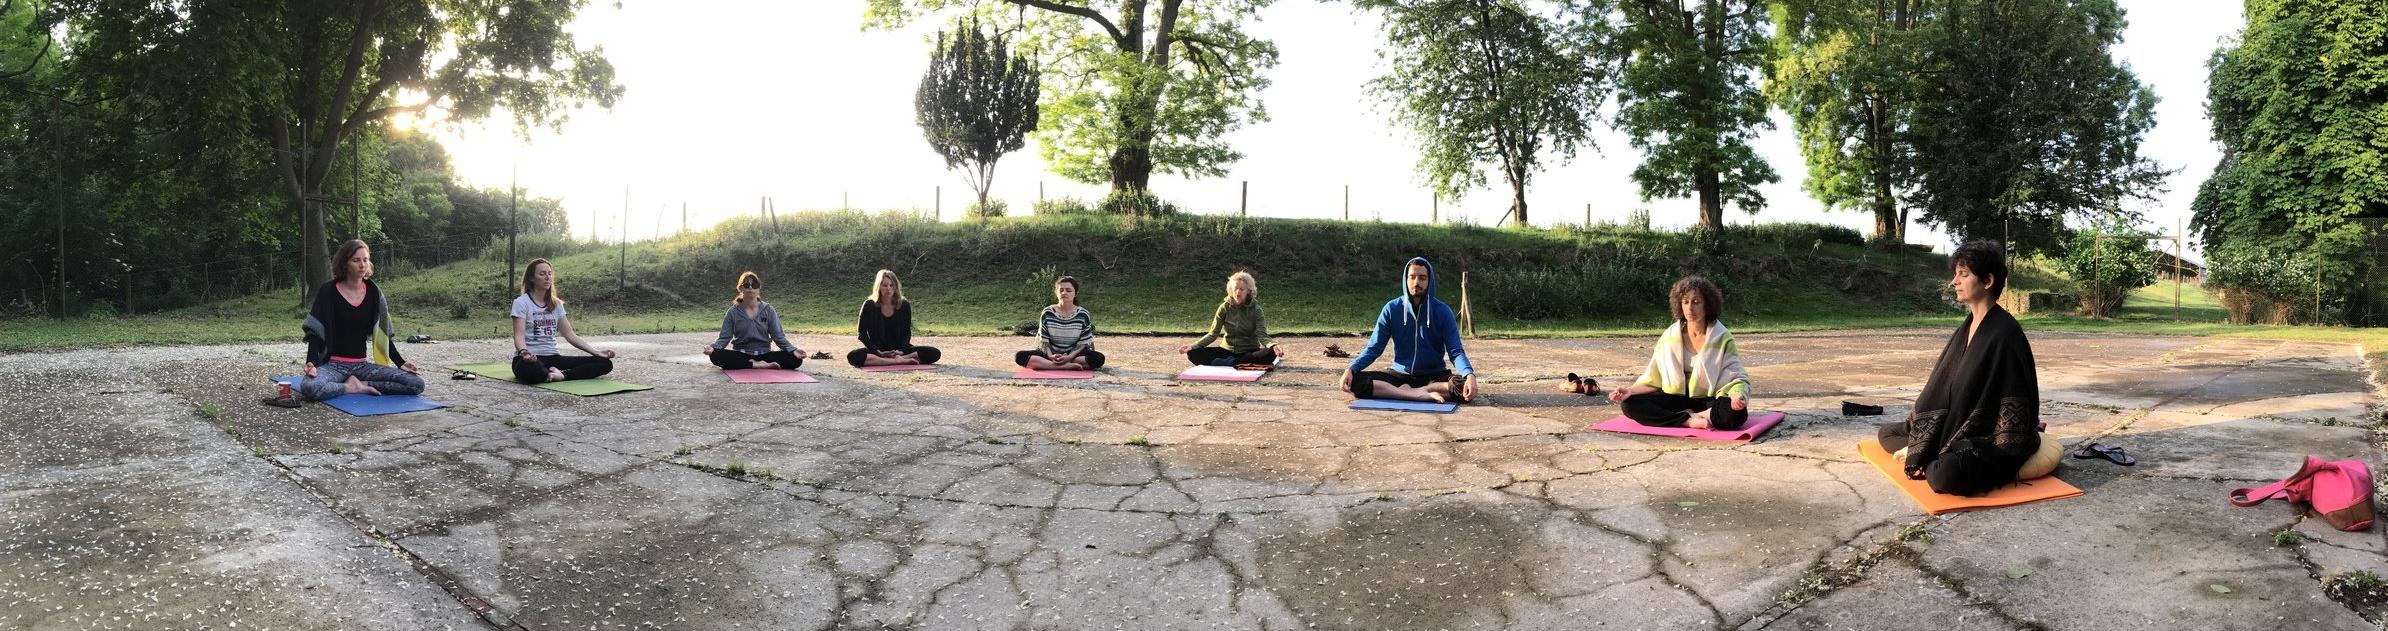 yoga-meditation-stage-europe.jpg